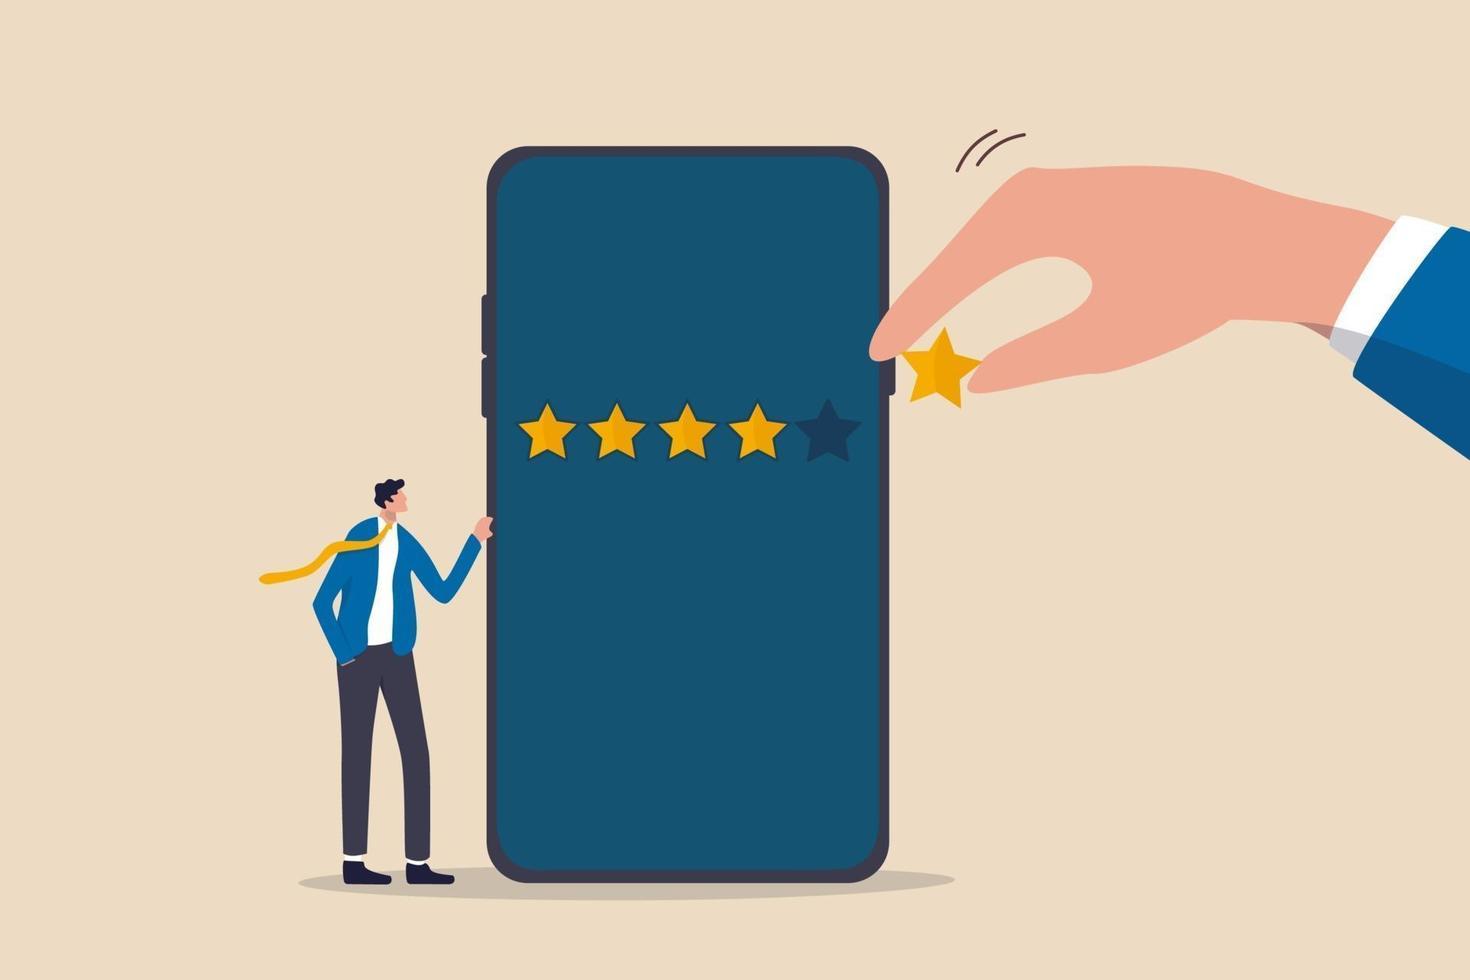 esperienza del cliente o recensione del cliente fornendo una valutazione di 5 stelle, feedback da persone che utilizzano il concetto di servizio o applicazione vettore